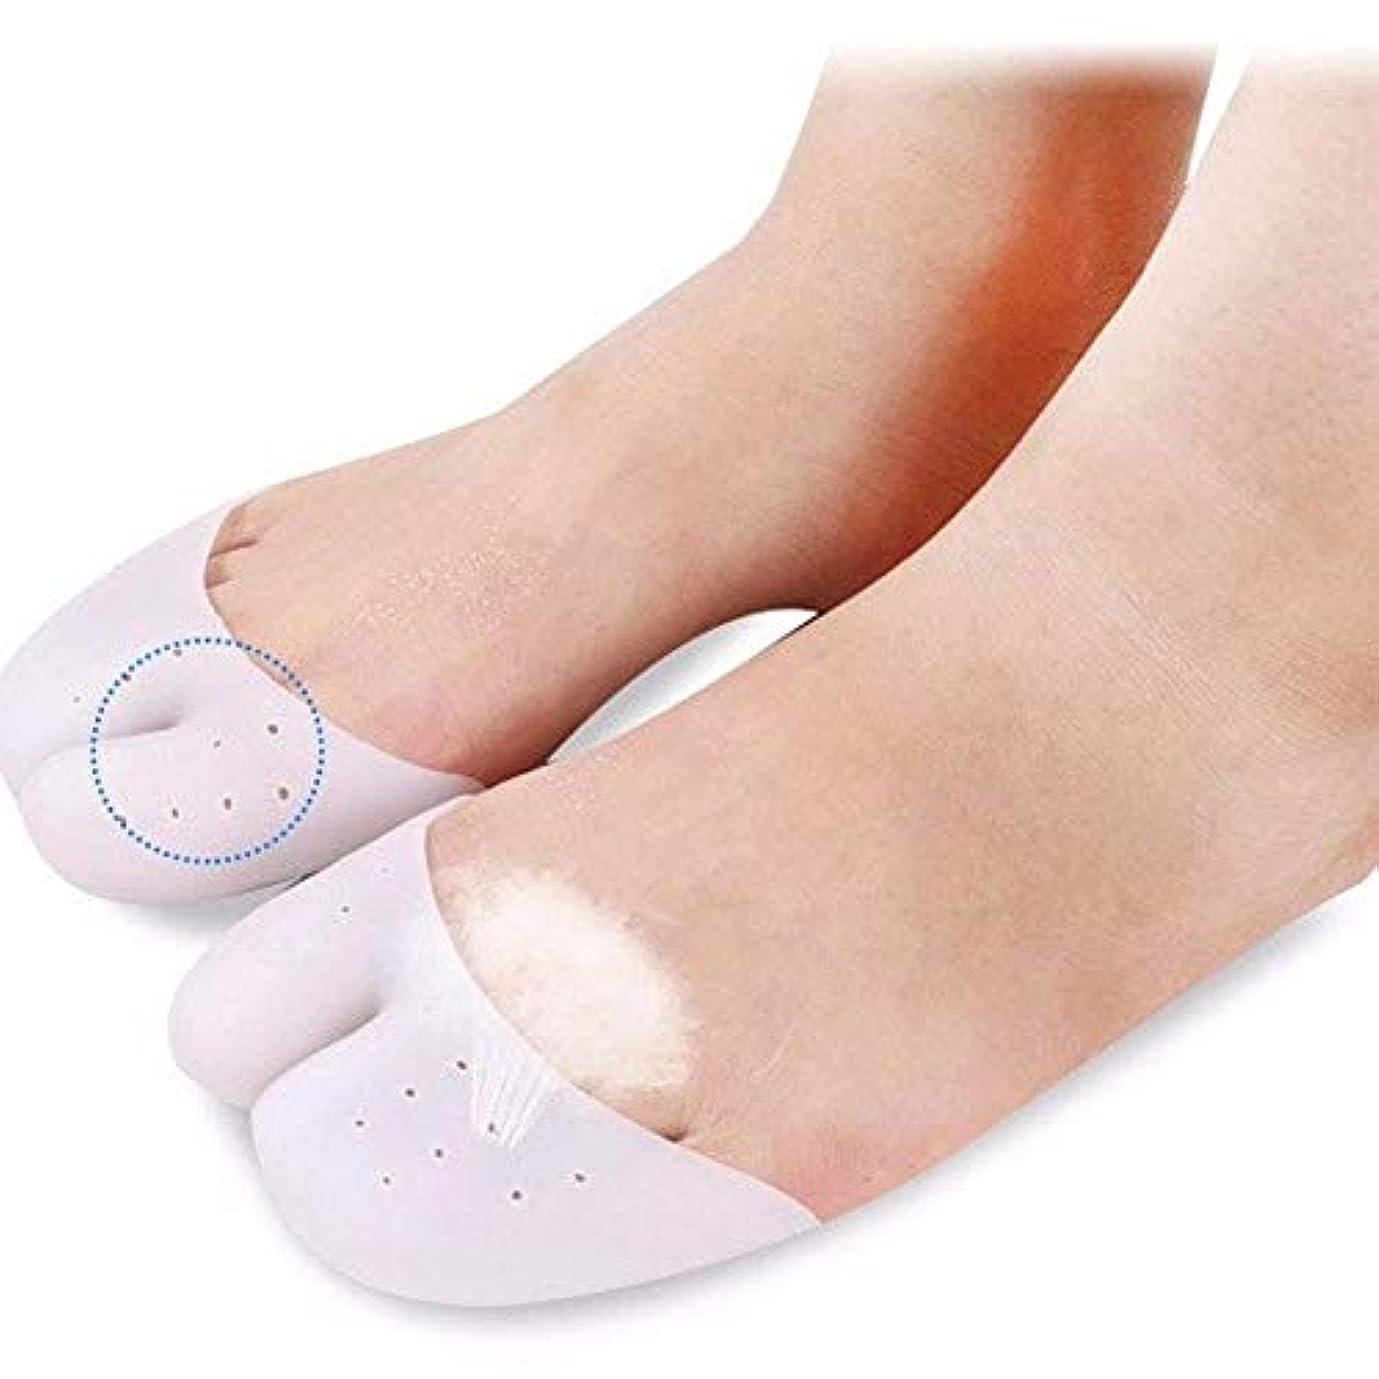 レポートを書く合理的フォージゲルつま先カフパッド、足の親指前足パッド、フットパッド足の保護パッド支持ボール/バレエシューズの10組 (A)